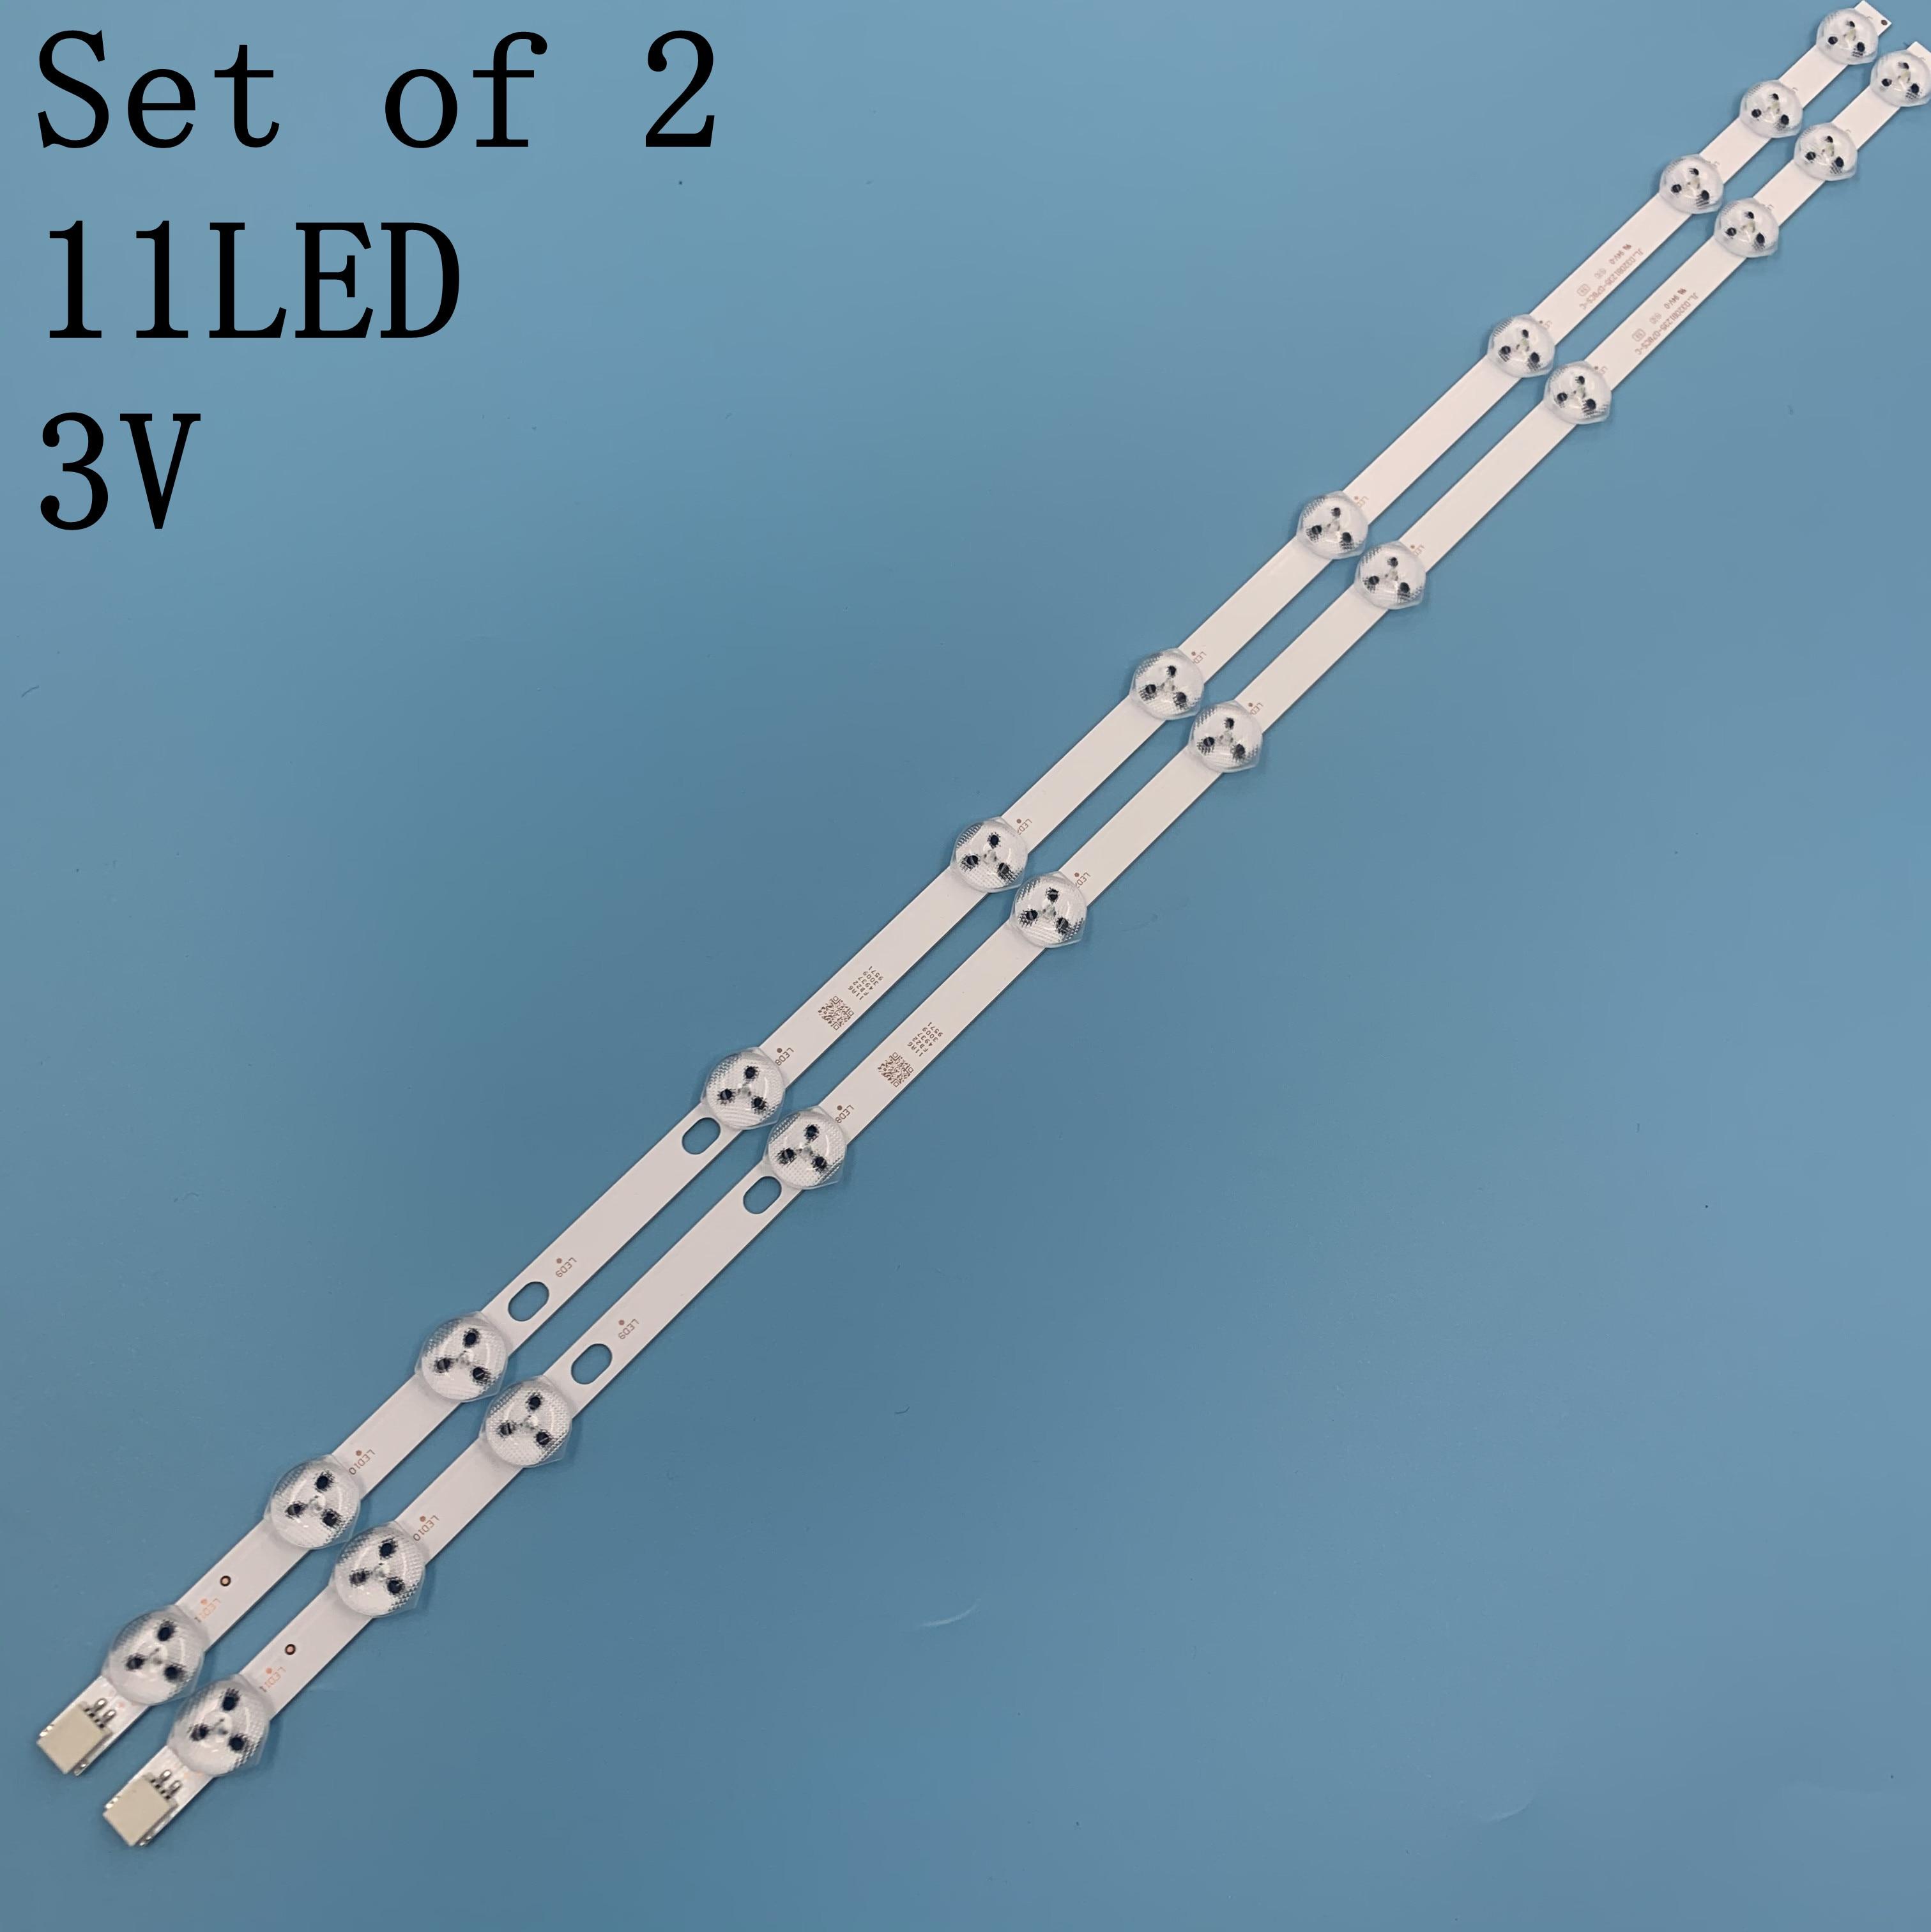 11 Lamps 575mm LED Backlight Strip For Selecline 32182 32285 32 inch Bars Kit Television LED Bands I